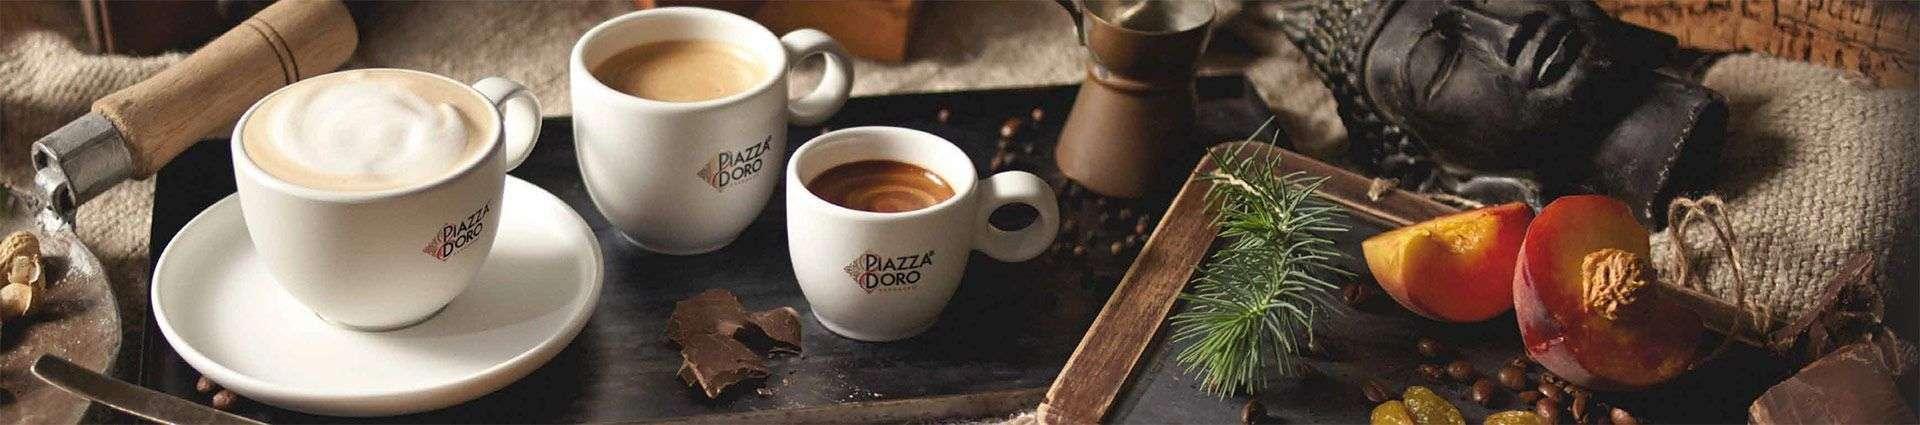 Piazza D'Oro Luxus Kaffeegenuss